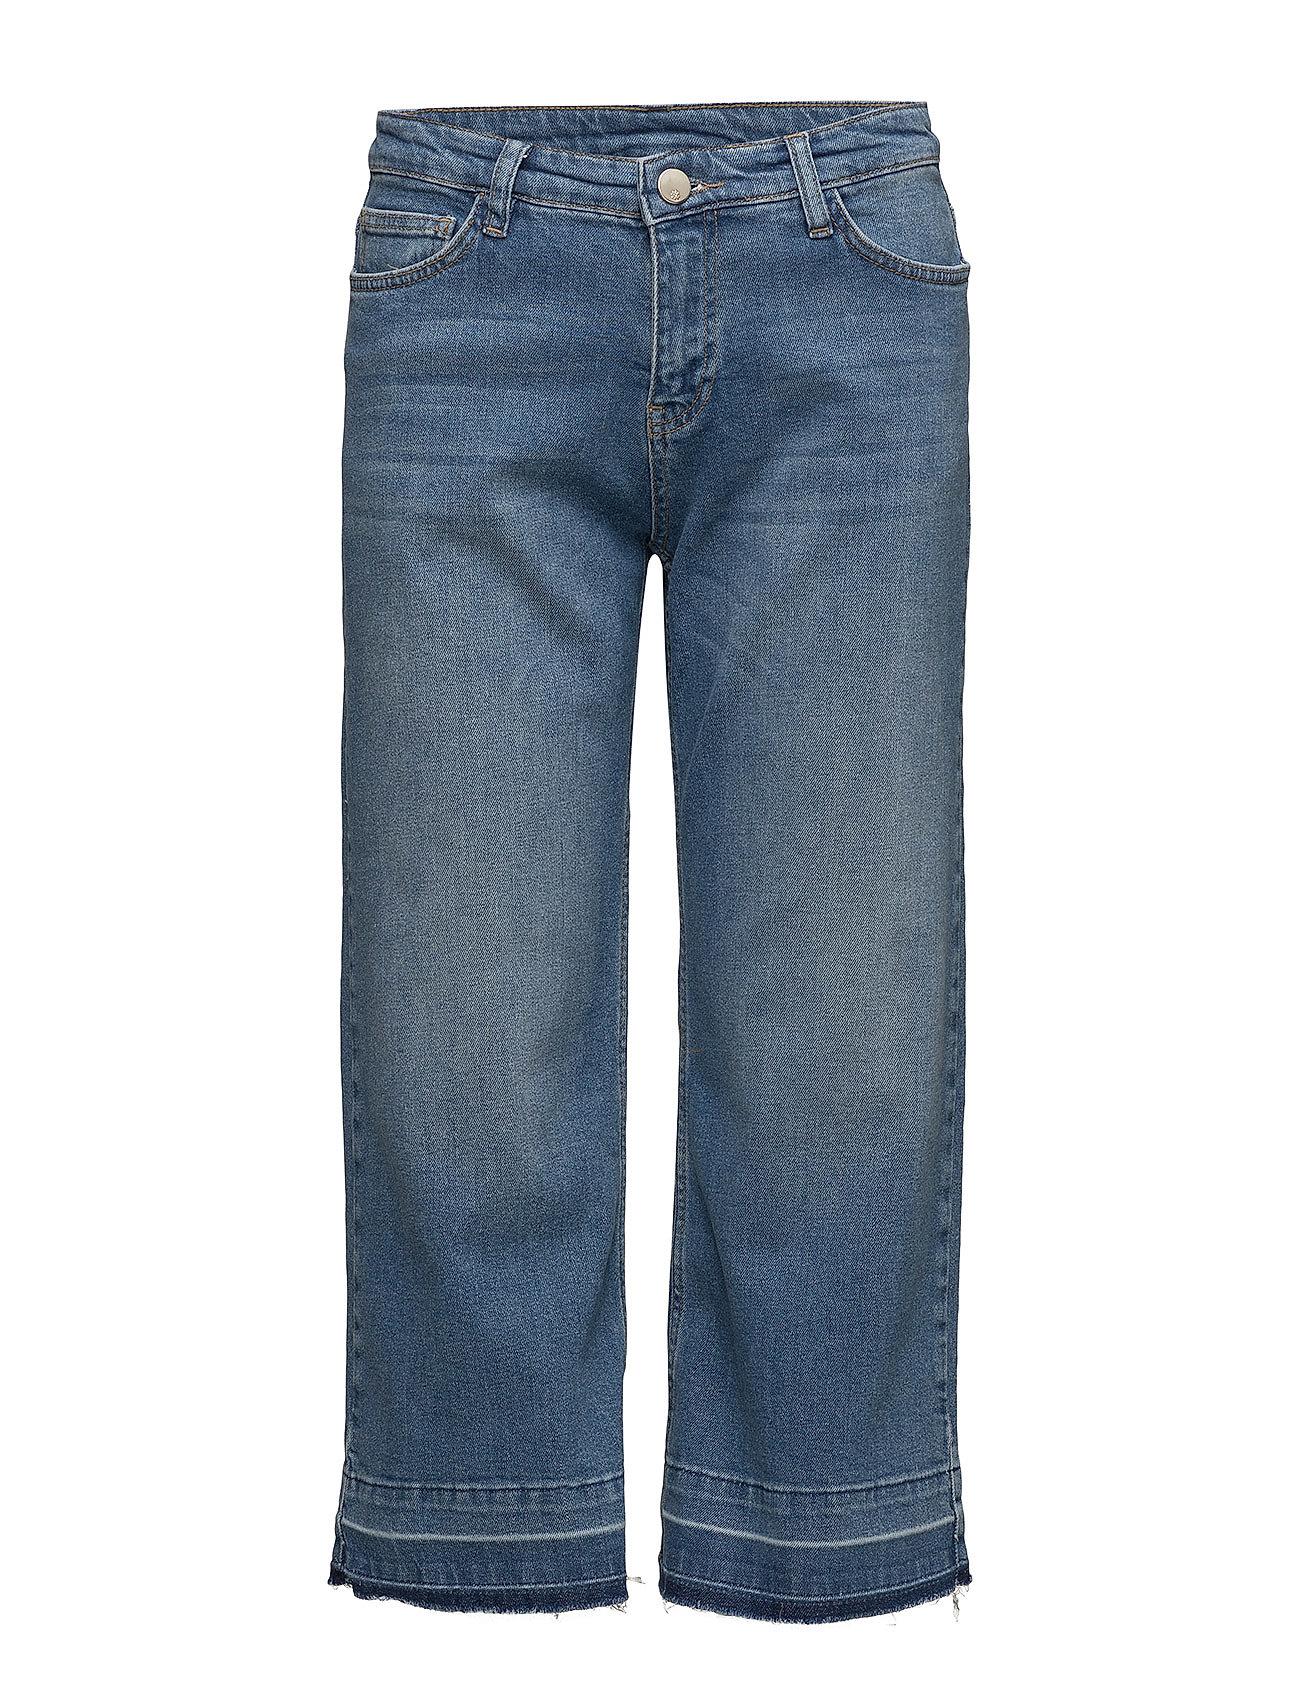 Day Birger et Mikkelsen Day Boat Denim Jeans